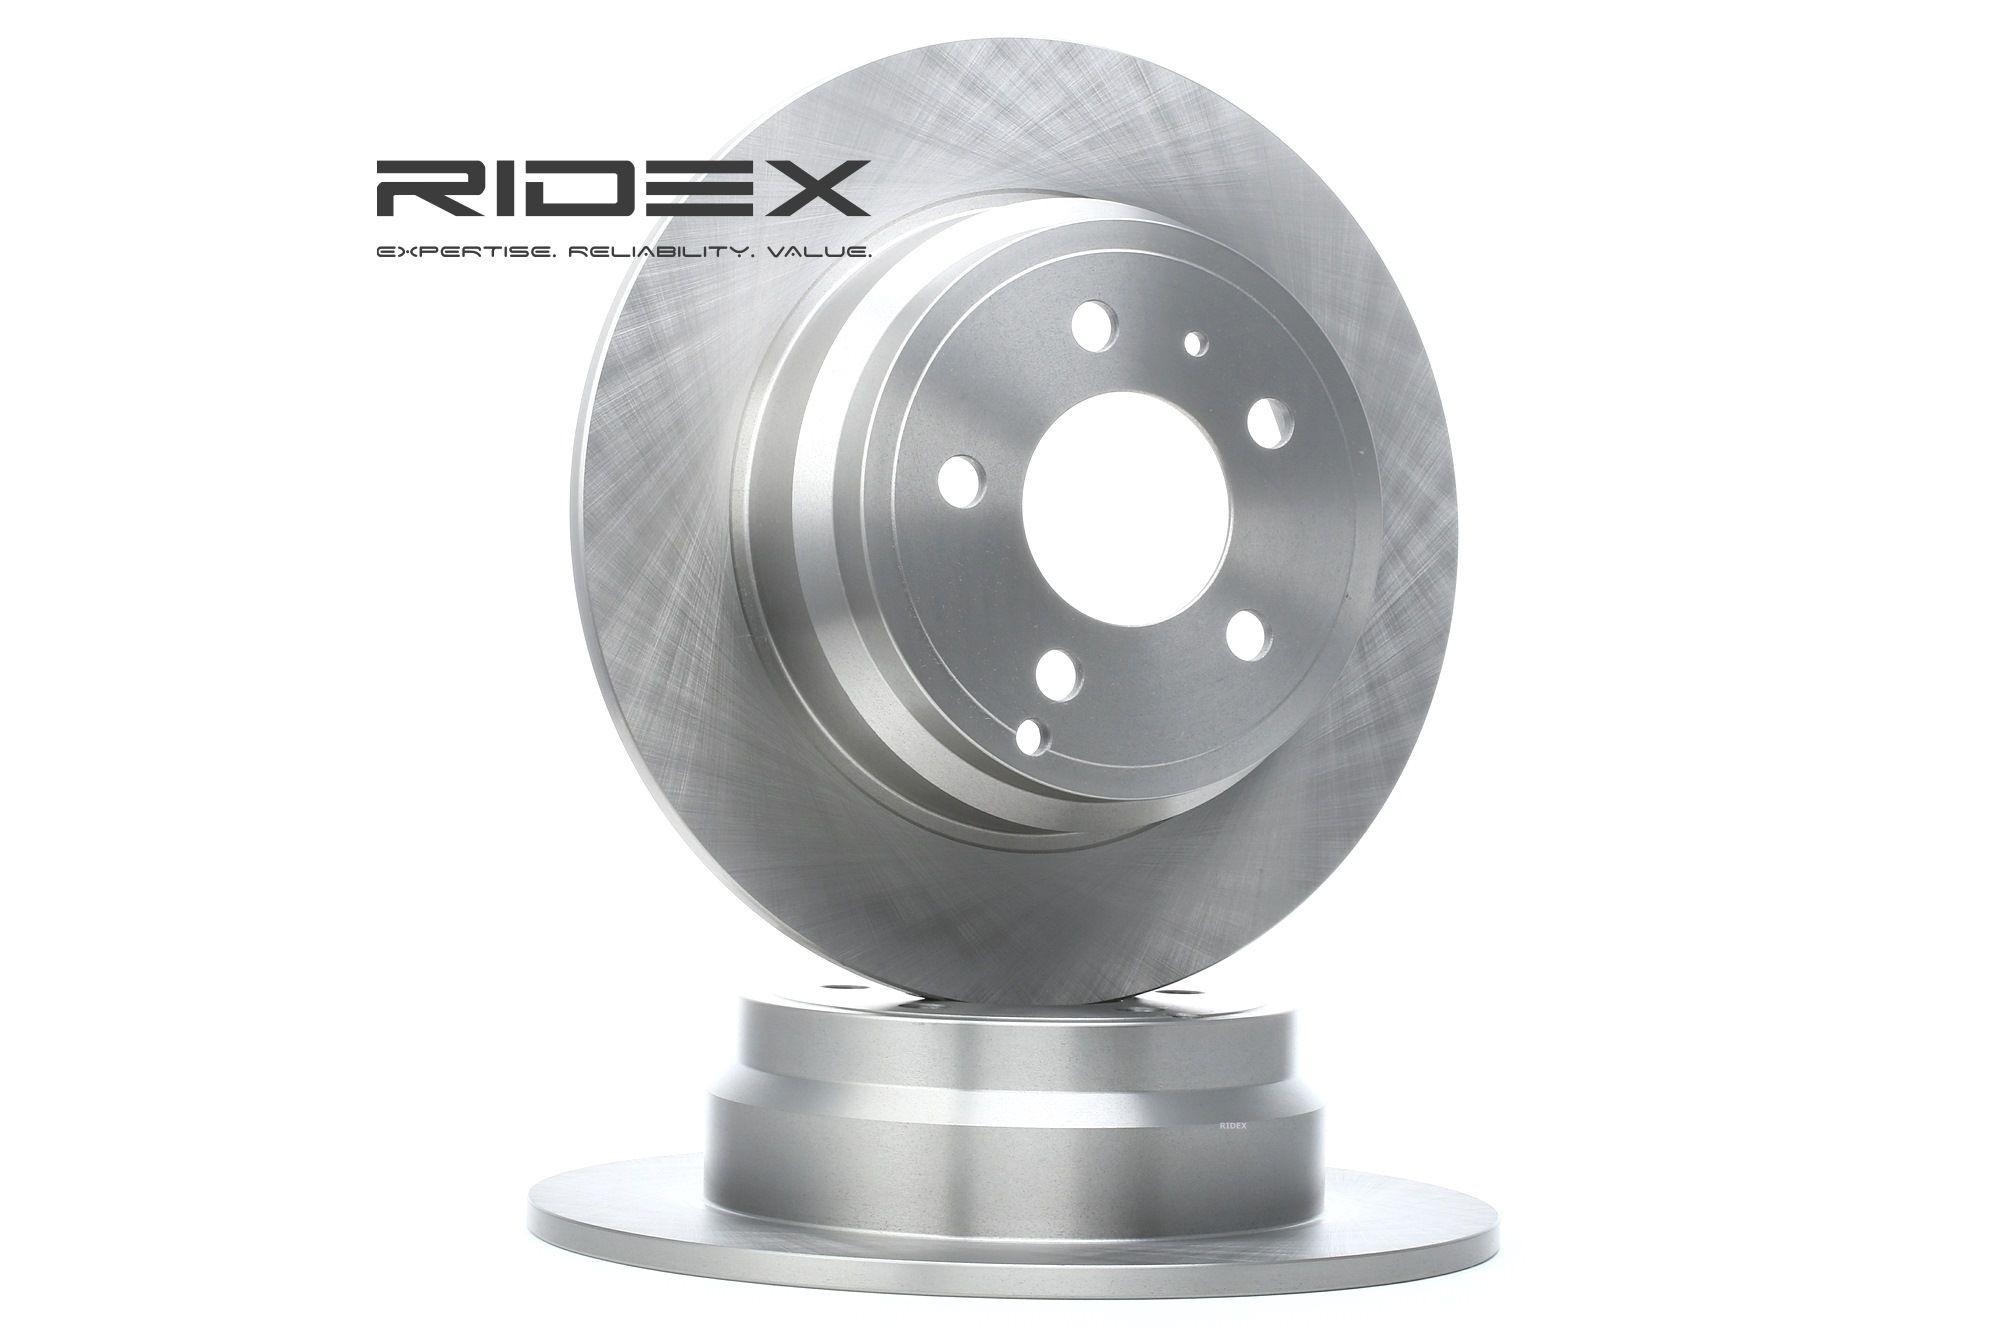 VOLVO XC70 2012 Scheibenbremsen - Original RIDEX 82B0220 Ø: 295,0mm, Felge: 5-loch, Bremsscheibendicke: 9,6mm